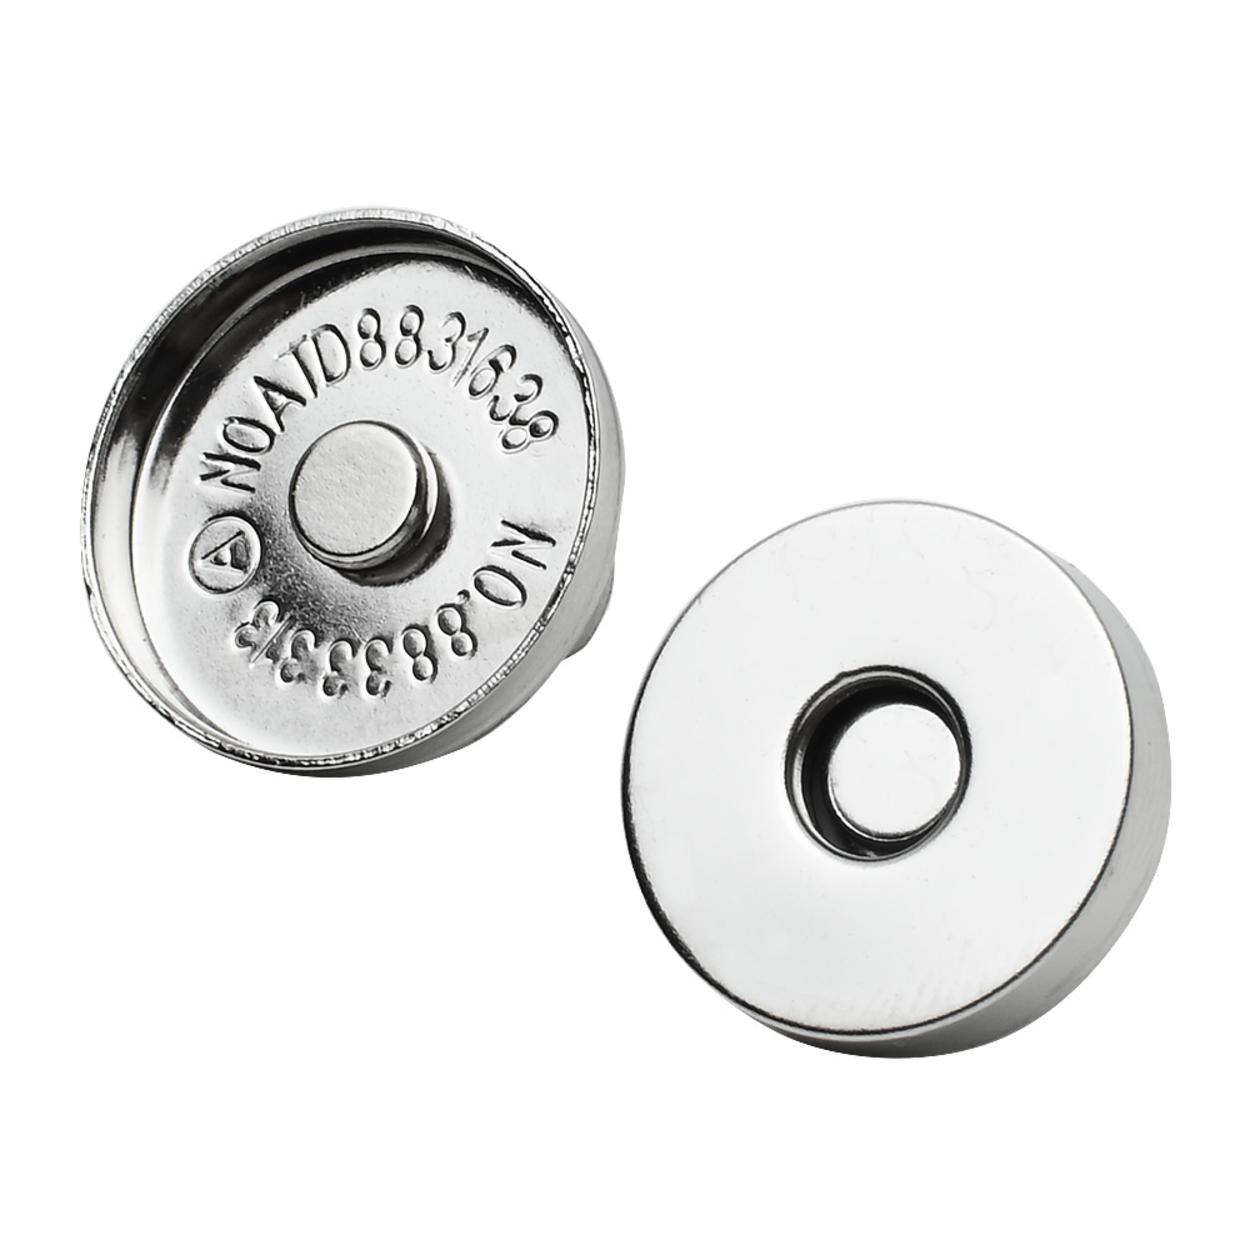 Магнитная кнопка 18 мм. (никель)